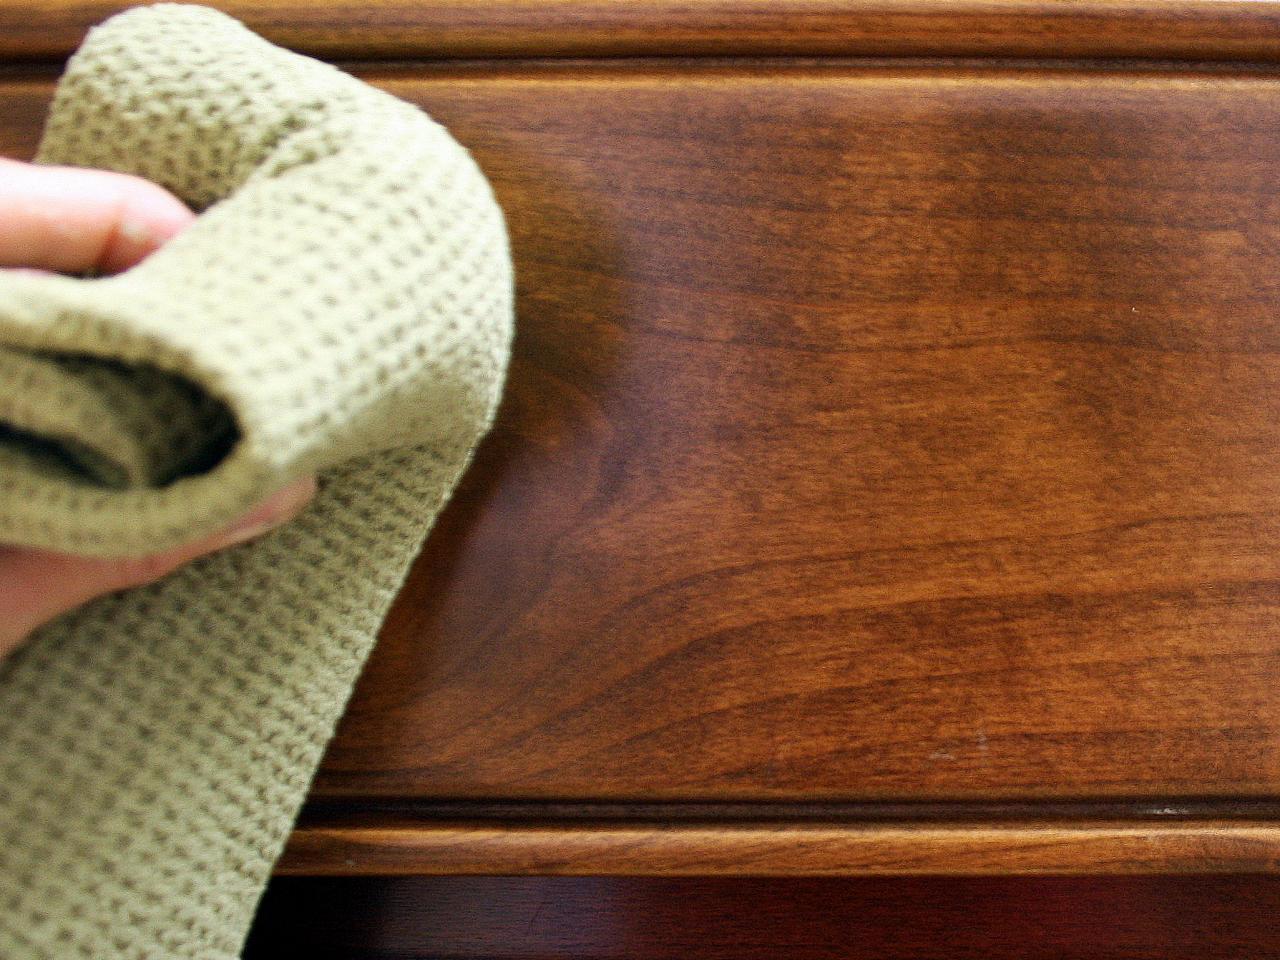 Mẹo vệ sinh đồ gỗ an toàn mà hiệu quả